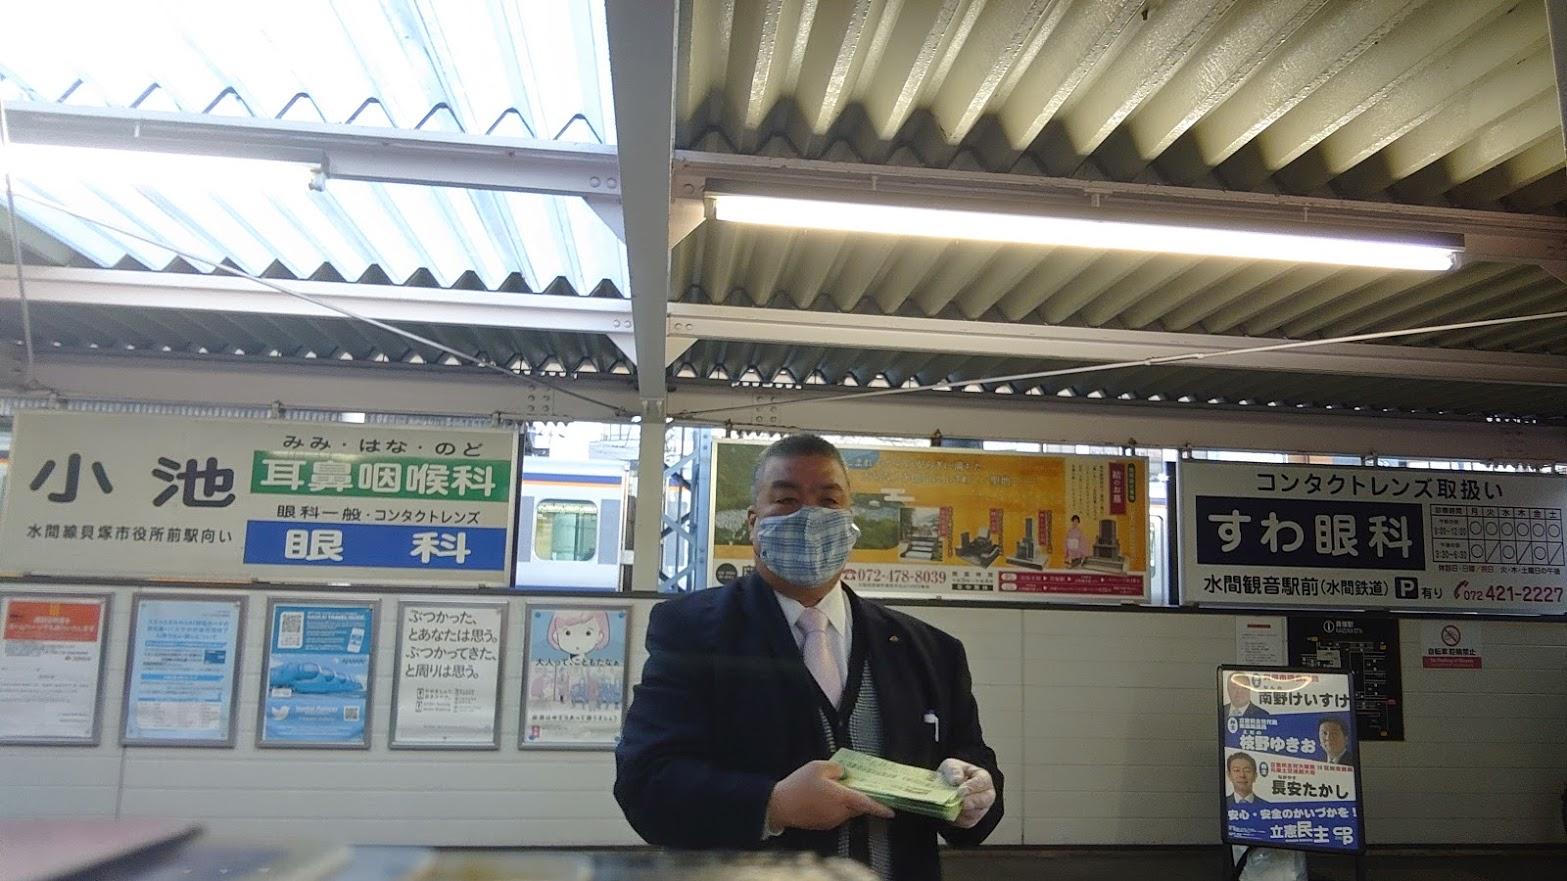 2021.3.23 南海貝塚駅東口で朝のご挨拶